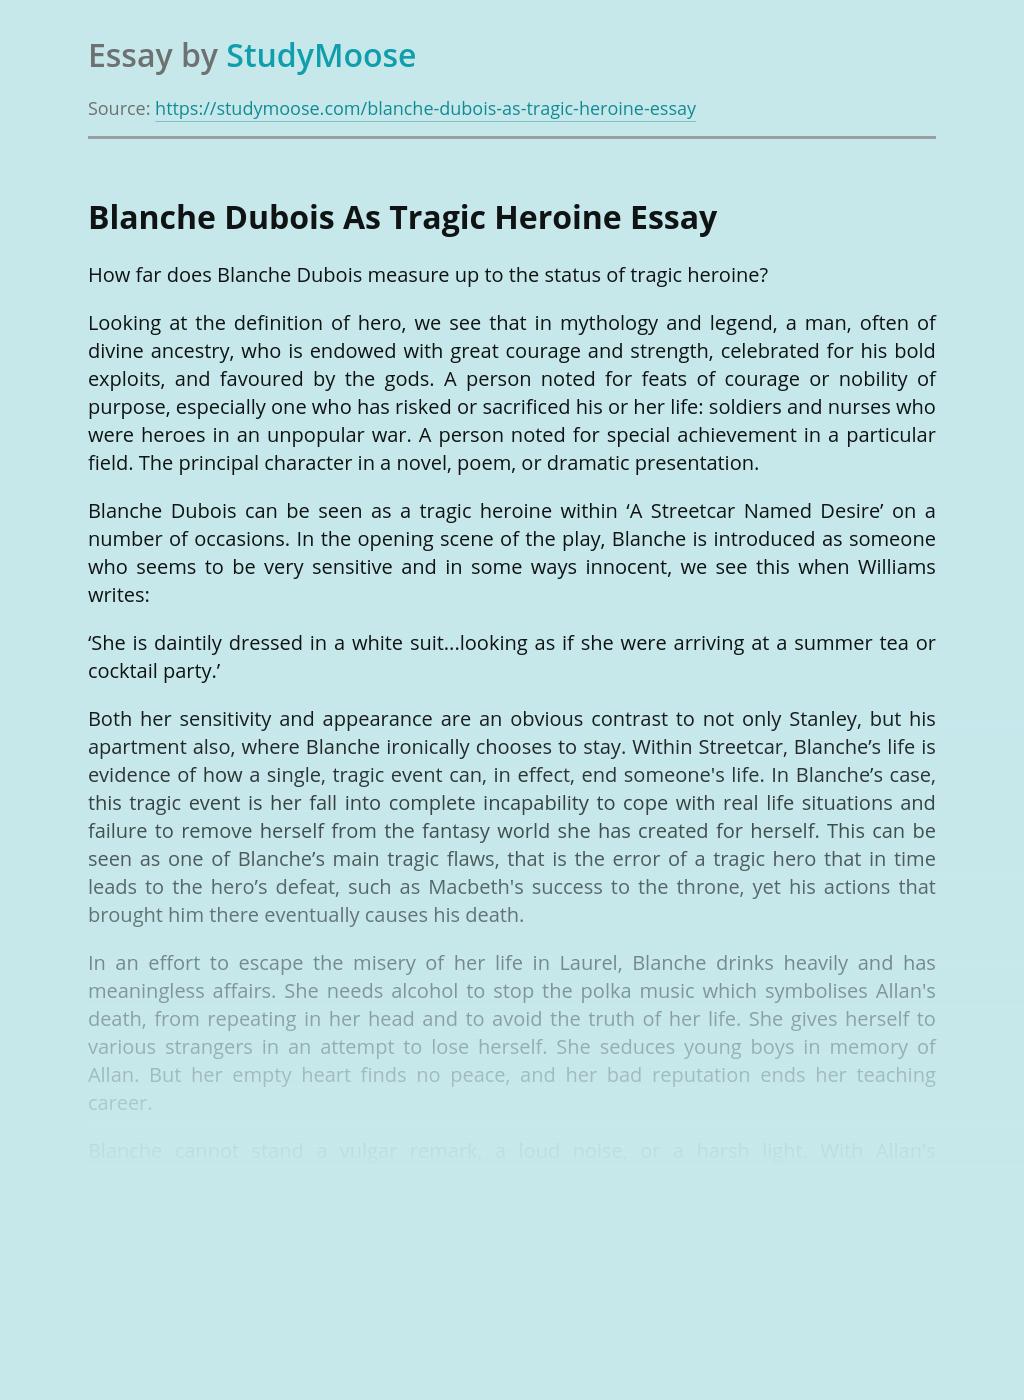 Blanche Dubois As Tragic Heroine